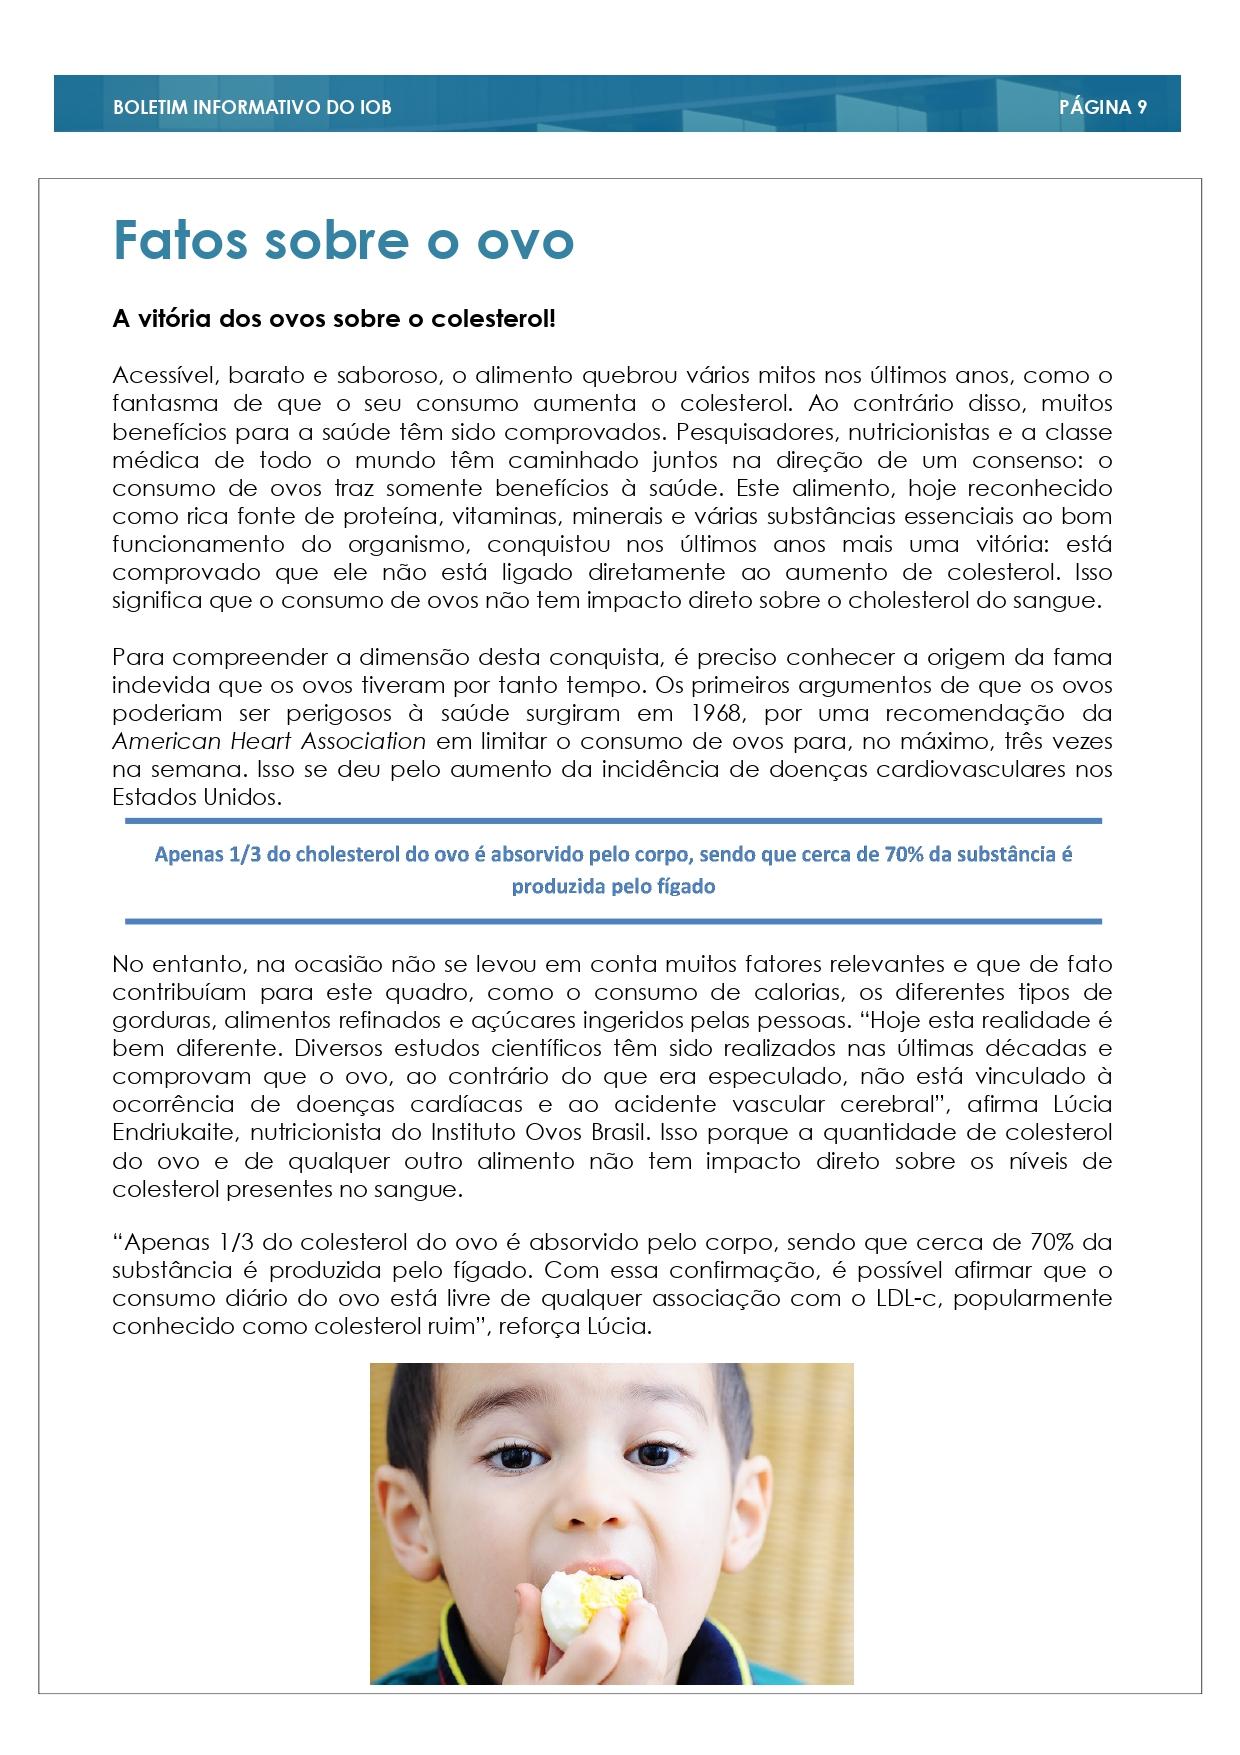 2° Edição Informe Trimestral _page-0009